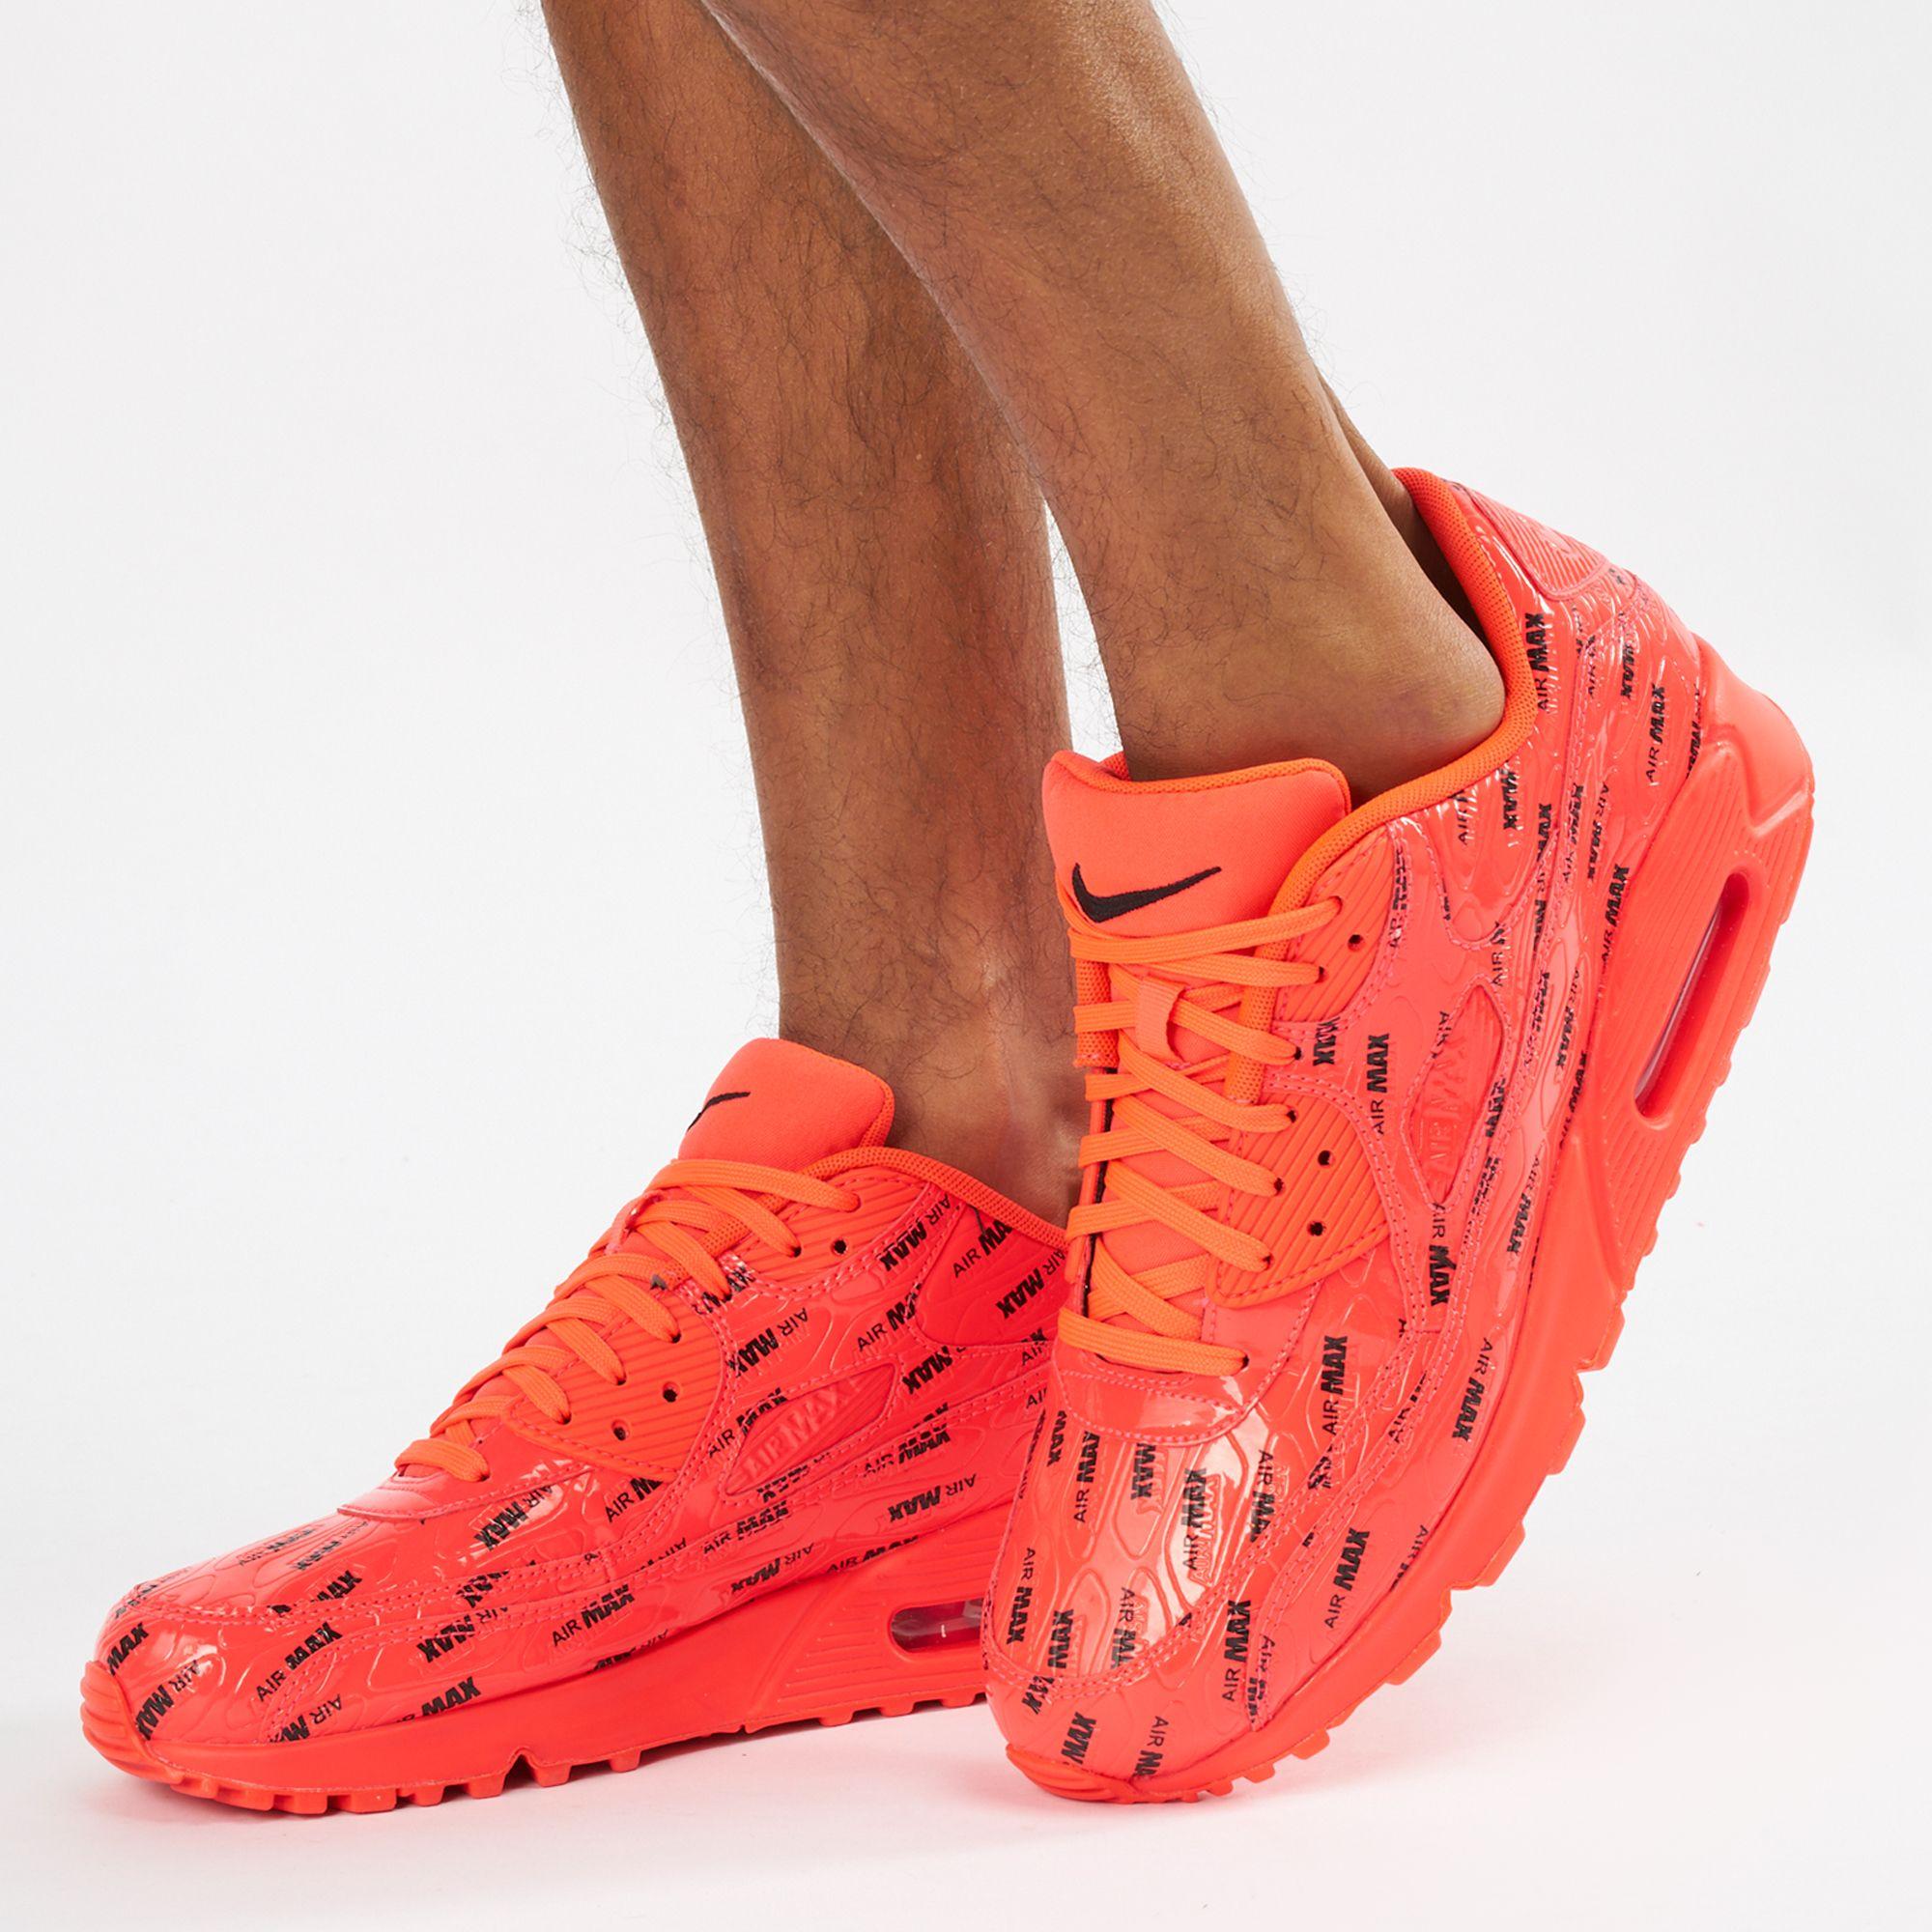 wholesale dealer ea497 797e5 Nike Air Max 90 Premium Shoe   Sneakers   Shoes   Men's Sale ...